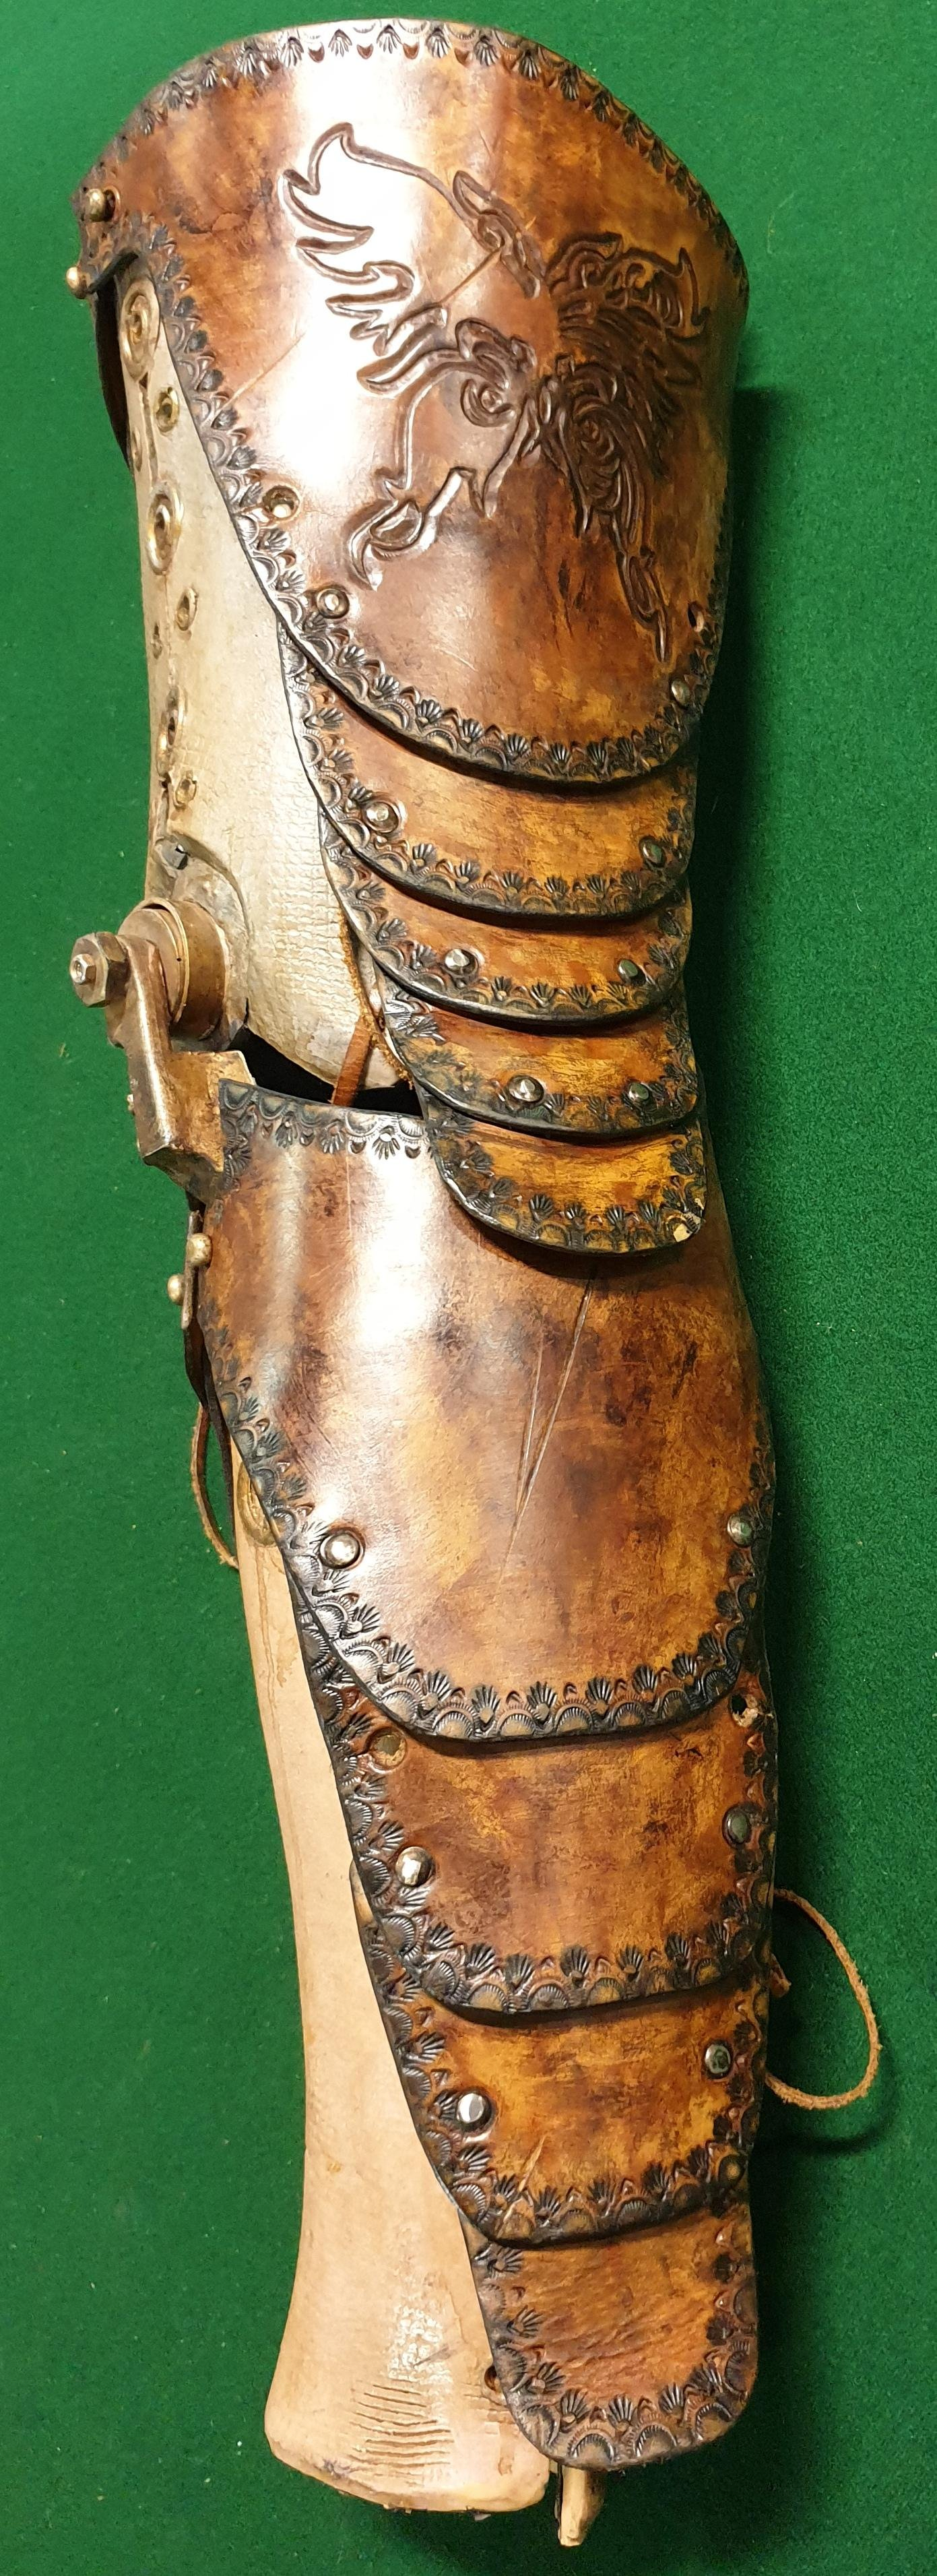 WREN: Wren's Prosthetic Leg. (1) (24) AP 136.